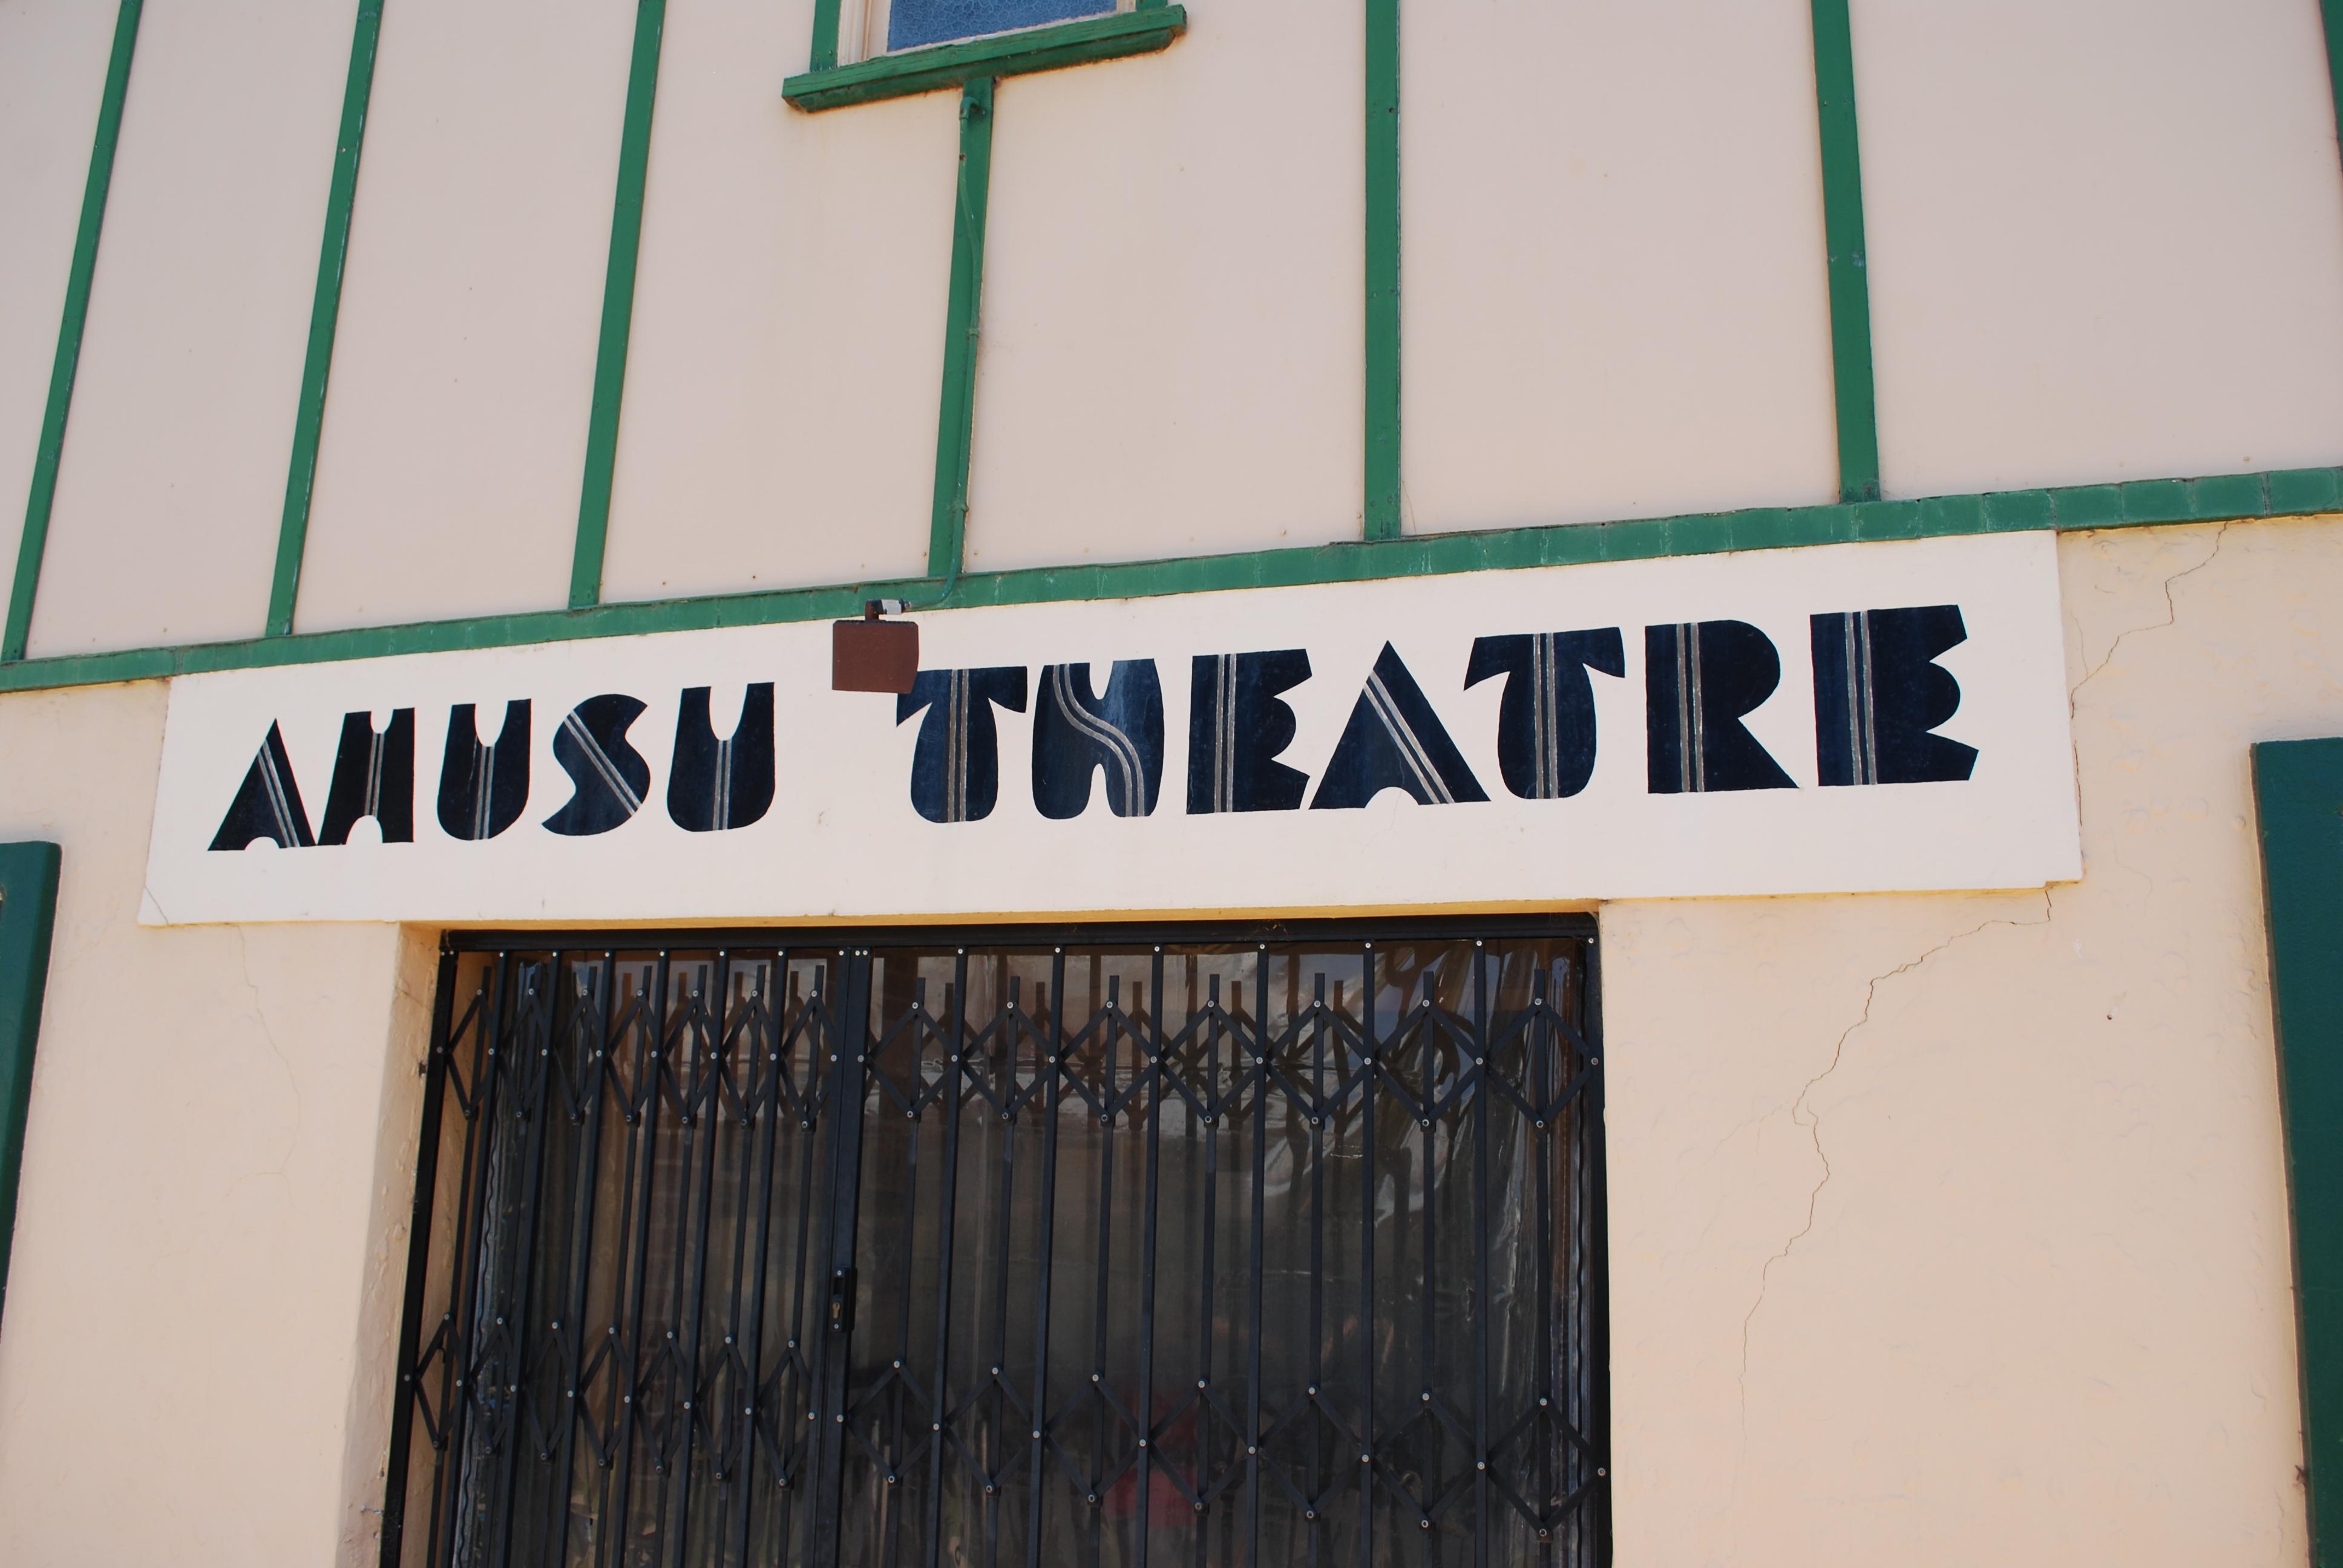 Amusu Theatre